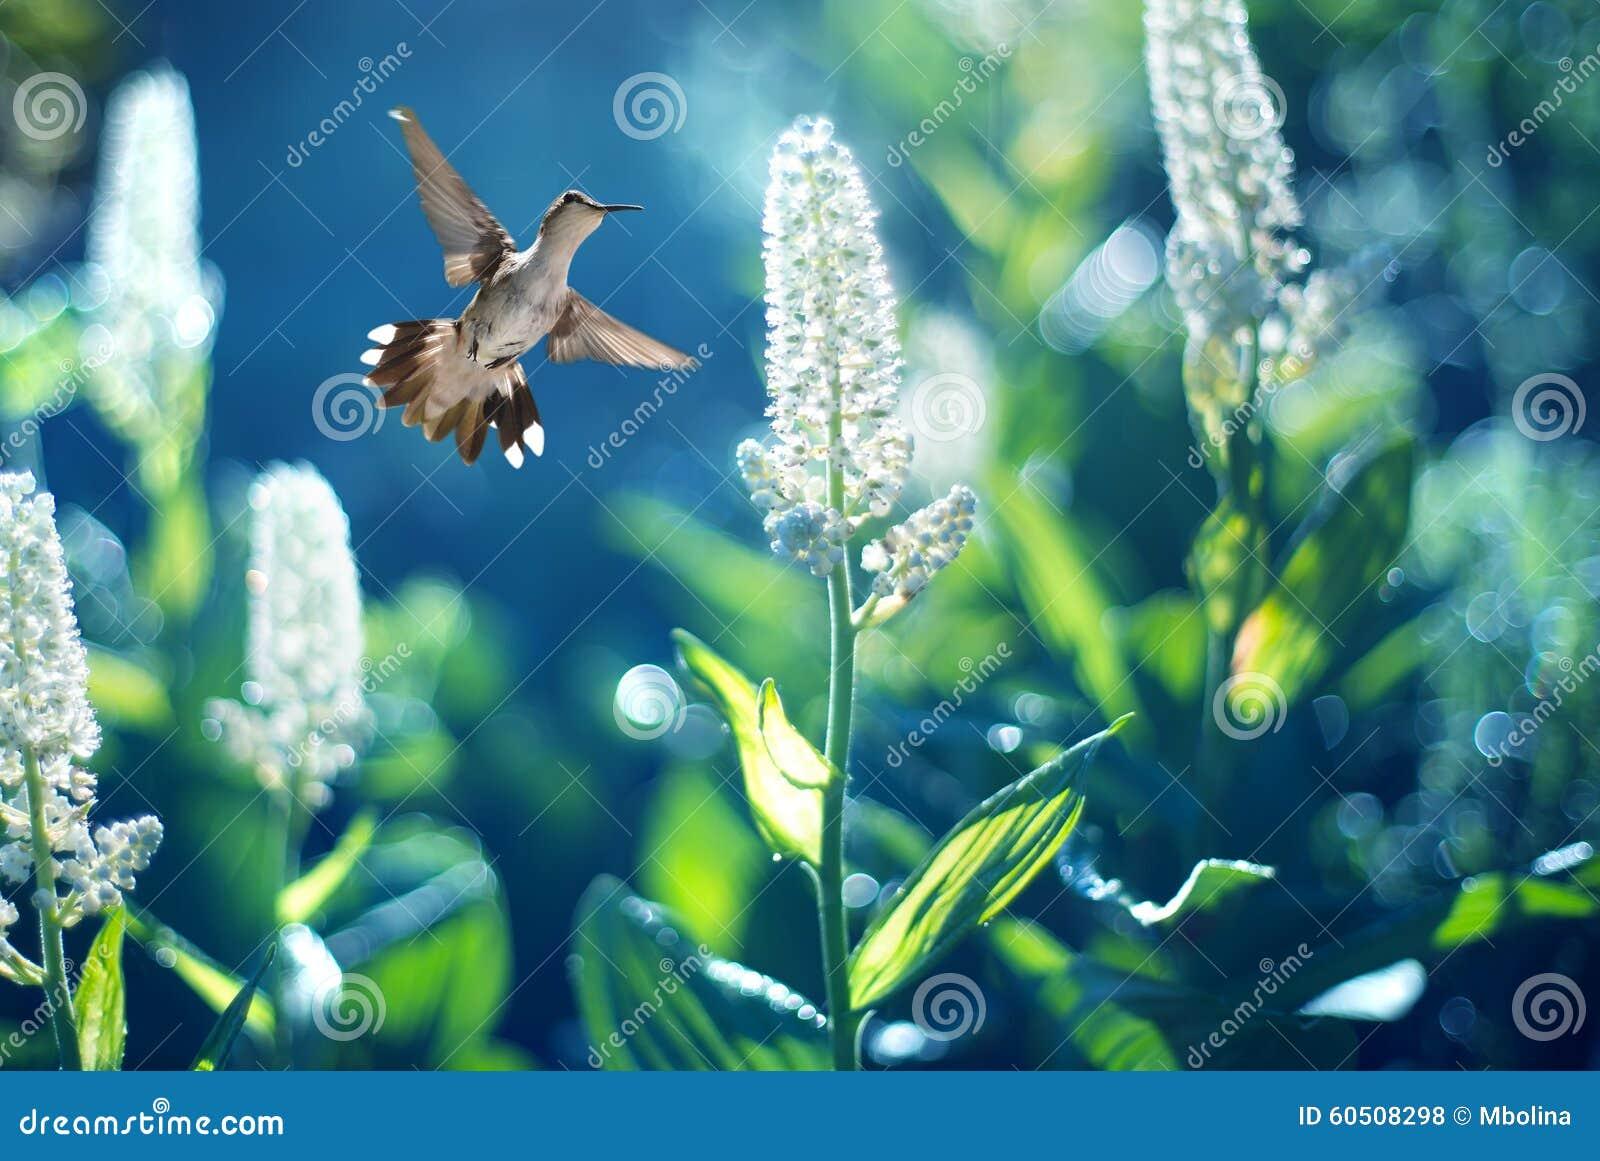 Colibrì in volo